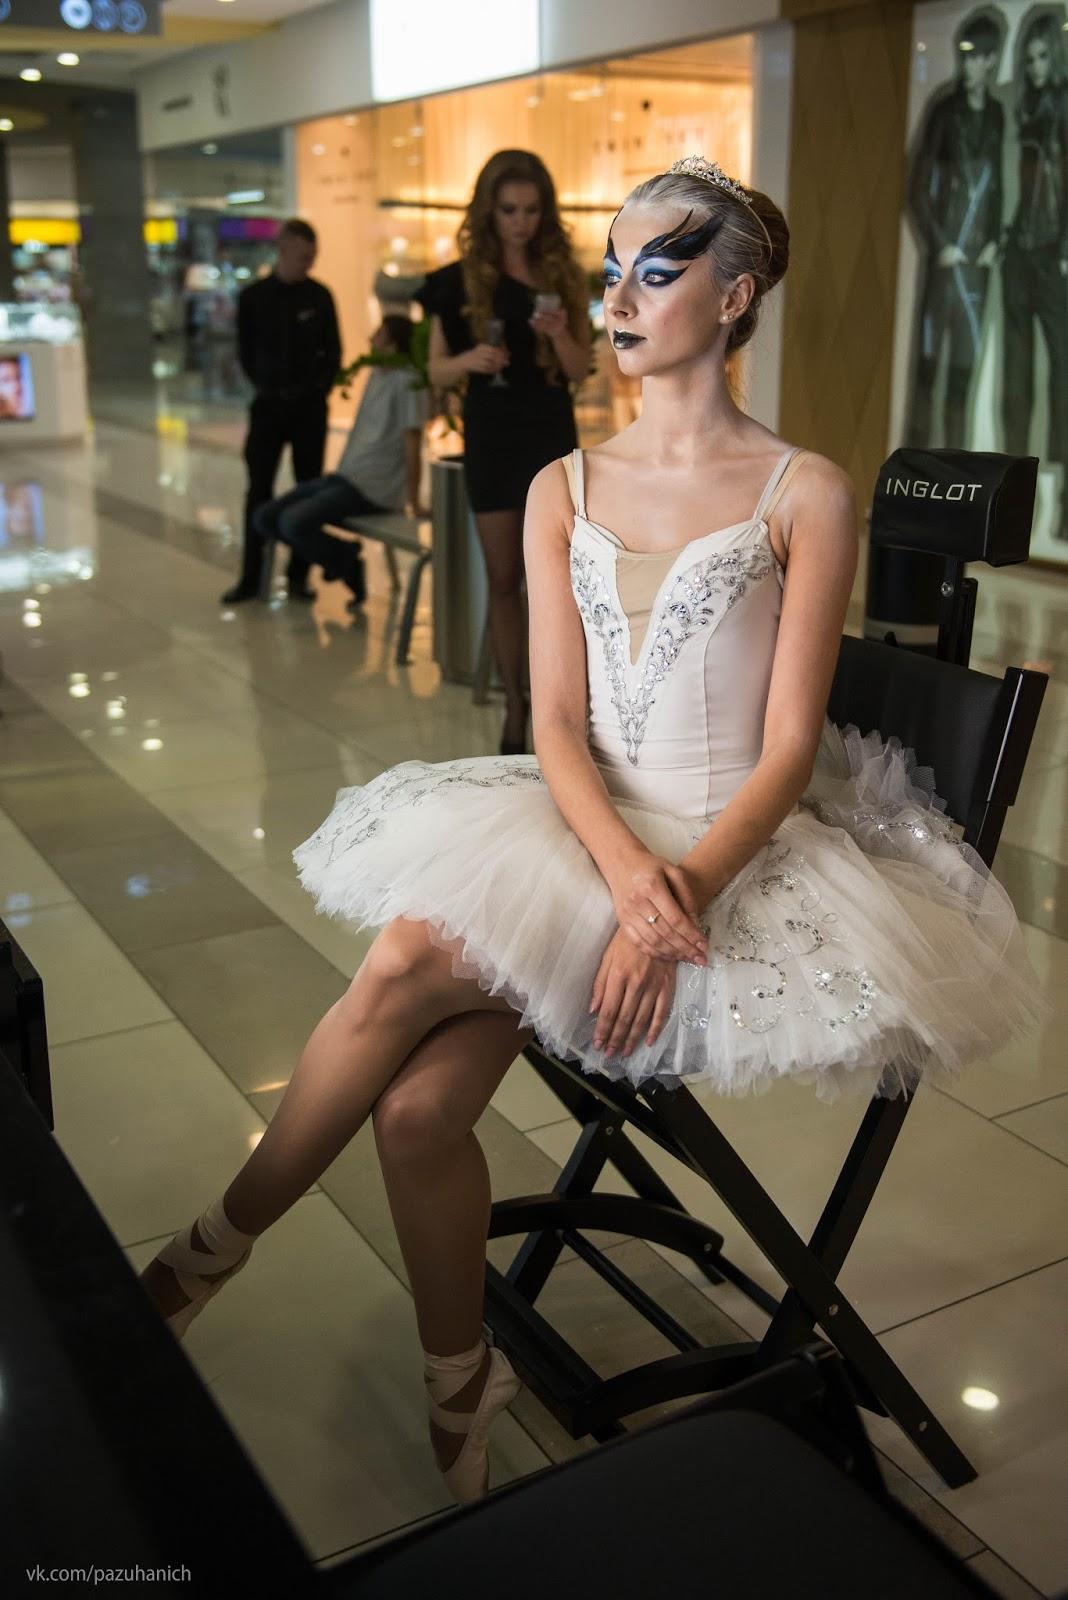 открытие тренинговый центр Inglot Ukraine, Слава Чайка, макияж, косметика Inglot